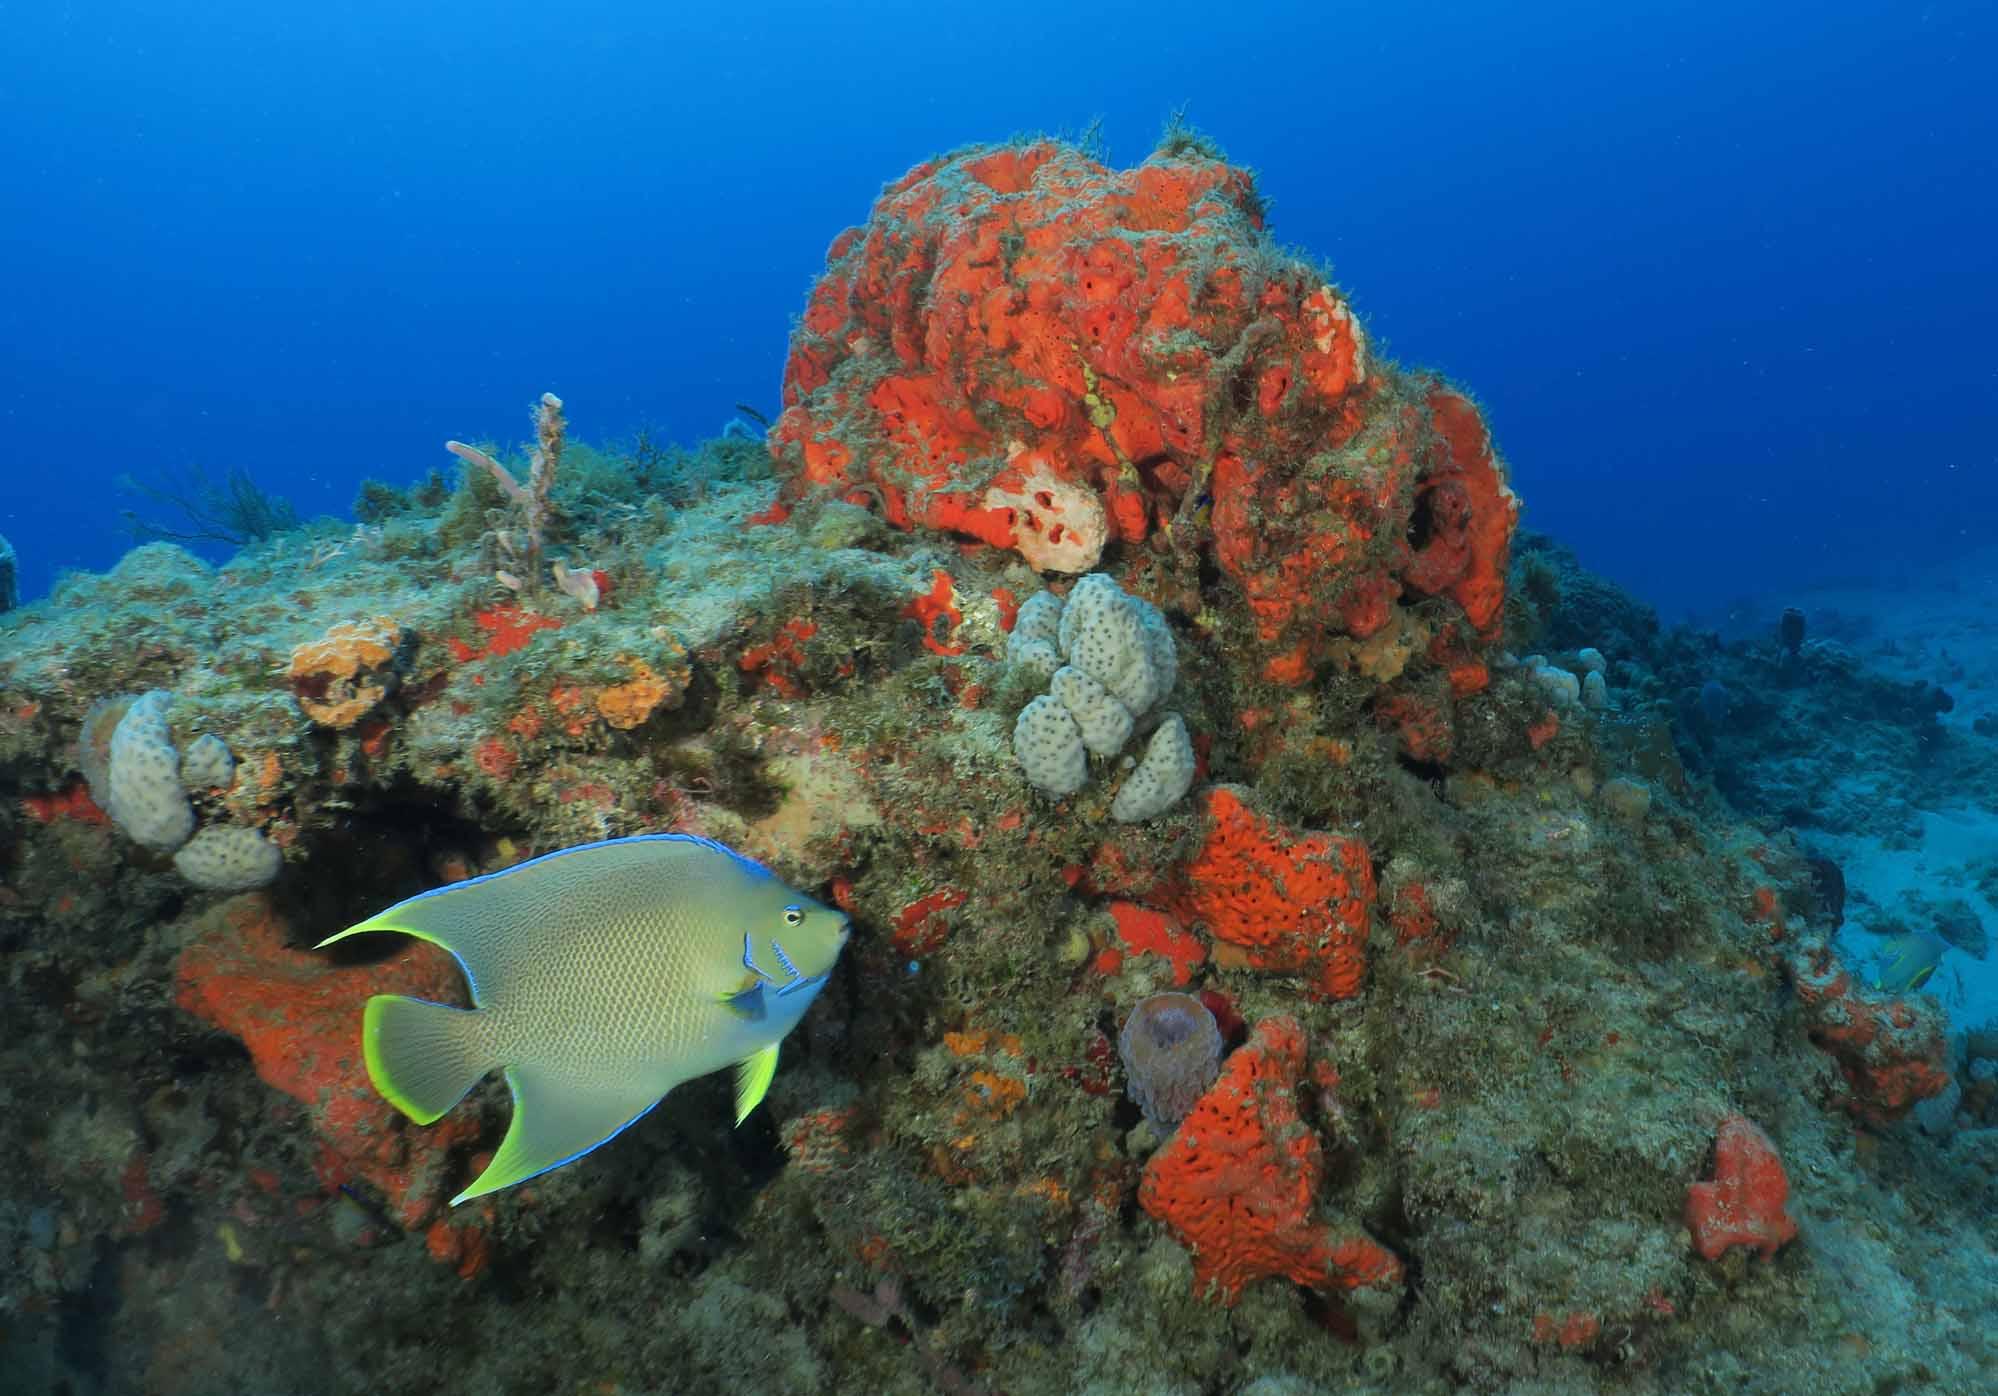 Photos - SCUBA Diving Florida